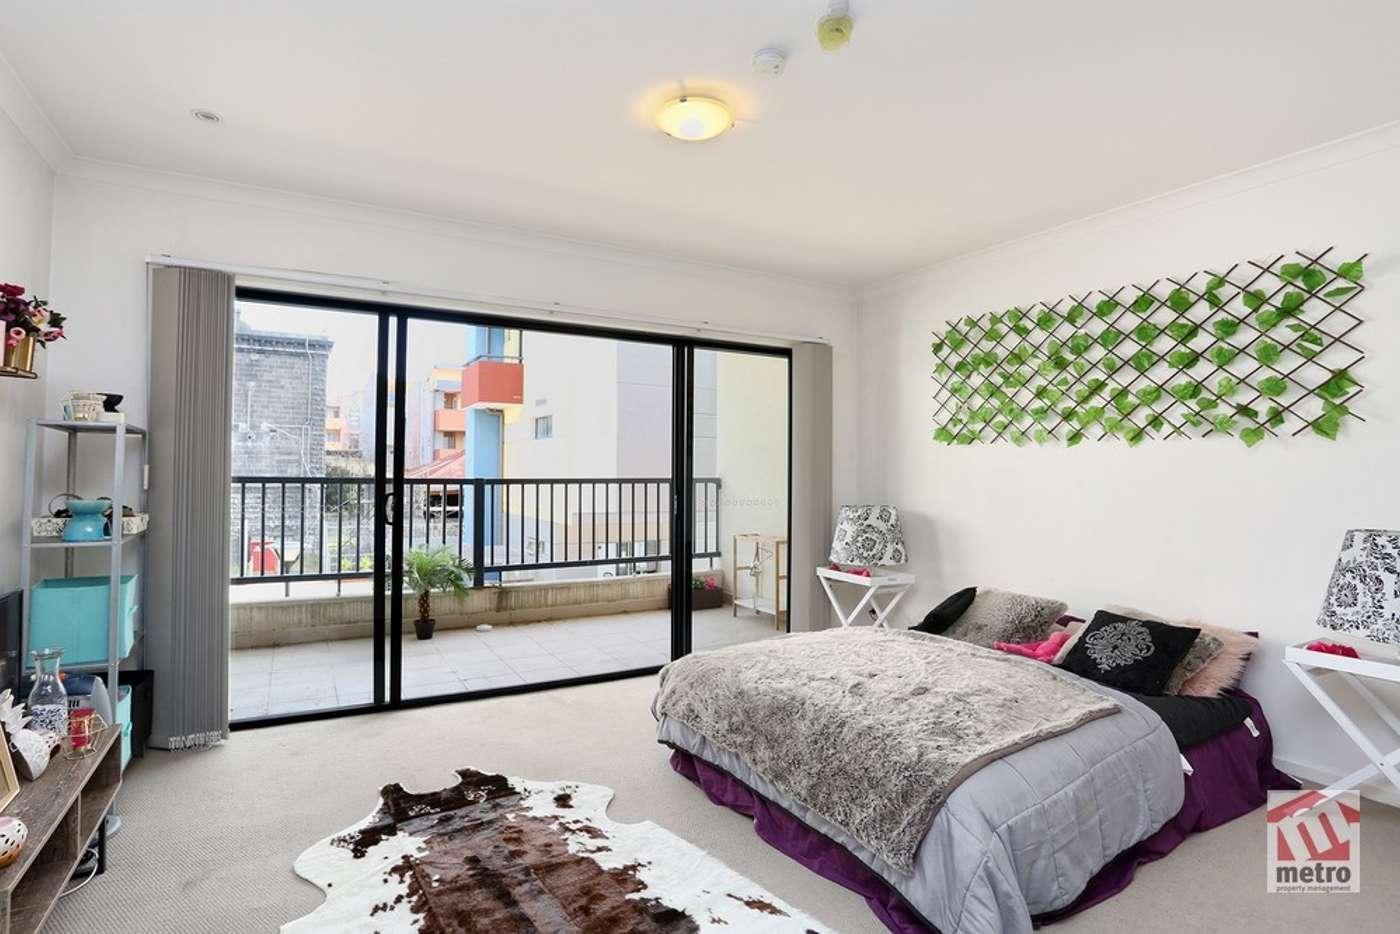 Main view of Homely studio listing, 209A/41-43 Stockade Avenue, Coburg VIC 3058